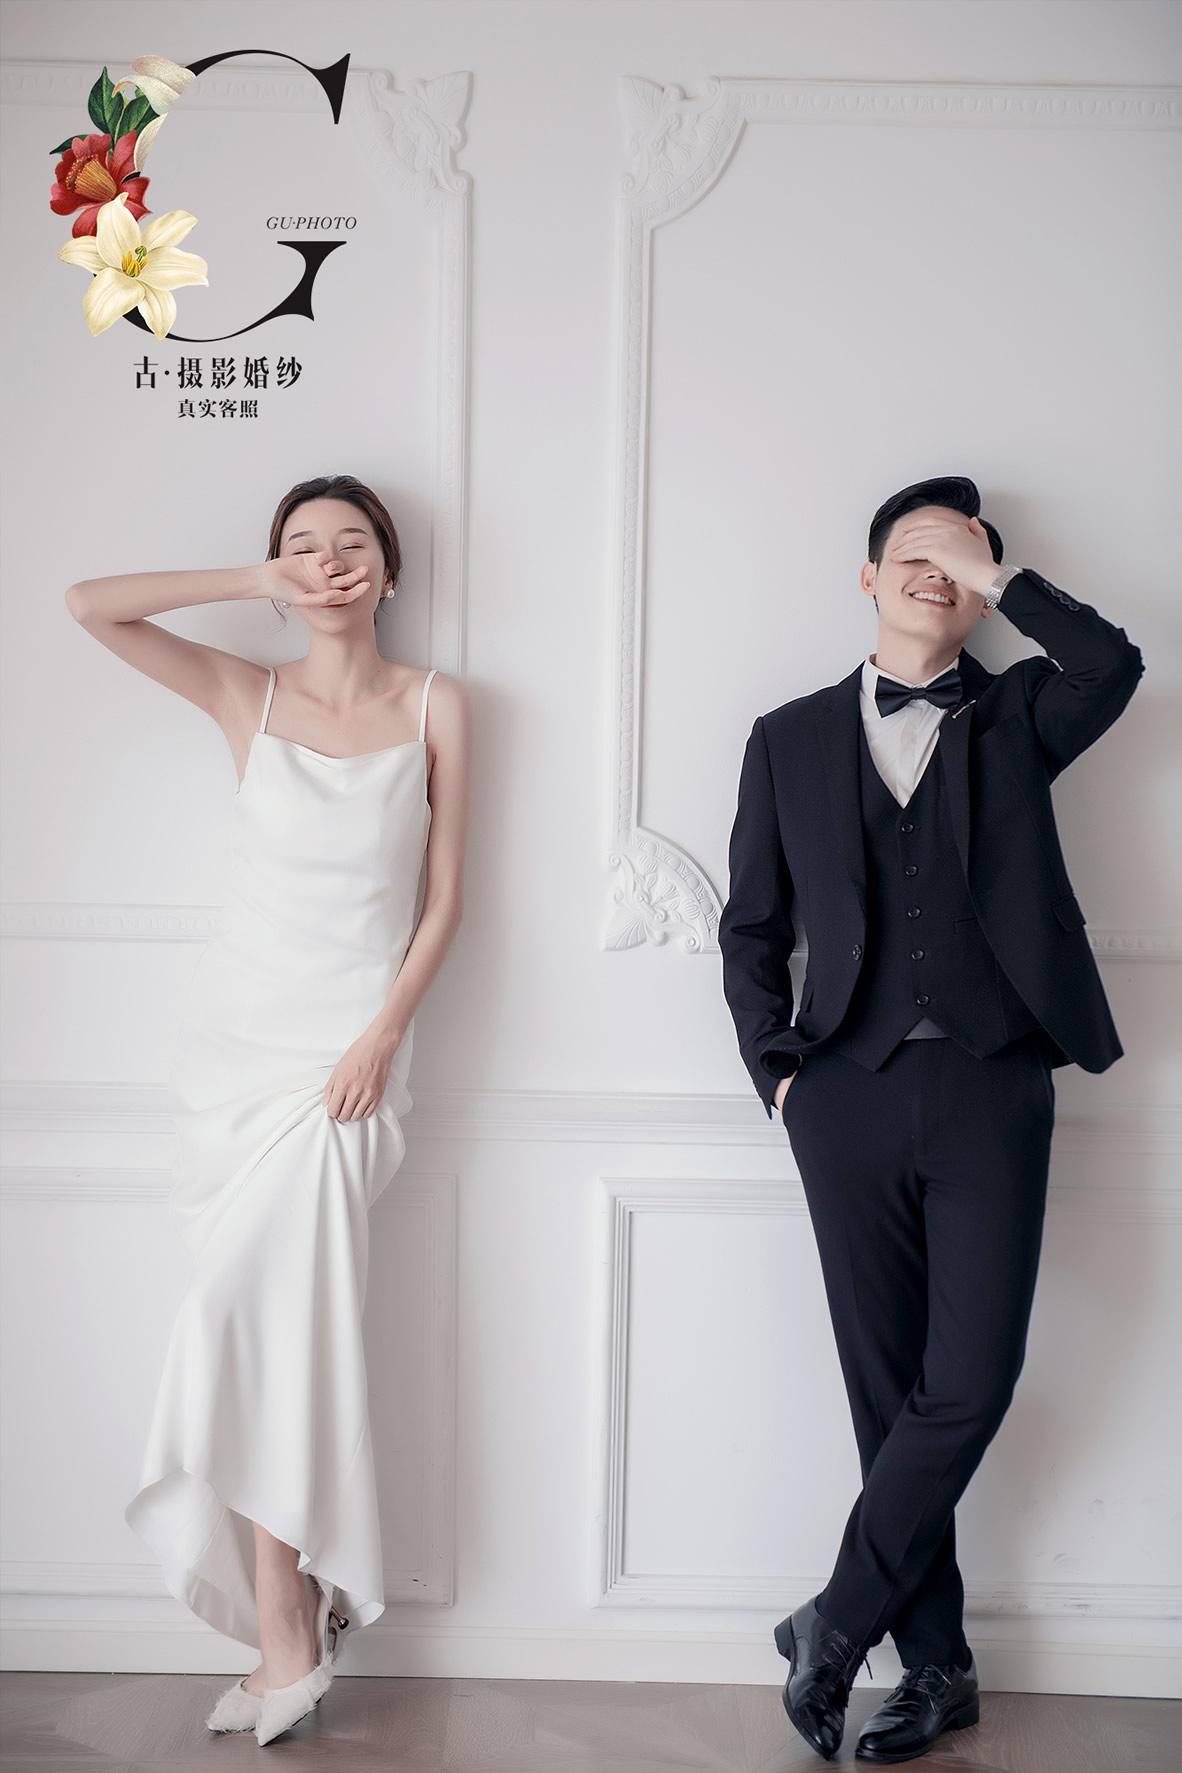 董先生 李小姐 - 每日客照 - 古攝影婚紗藝術-古攝影成都婚紗攝影藝術攝影網